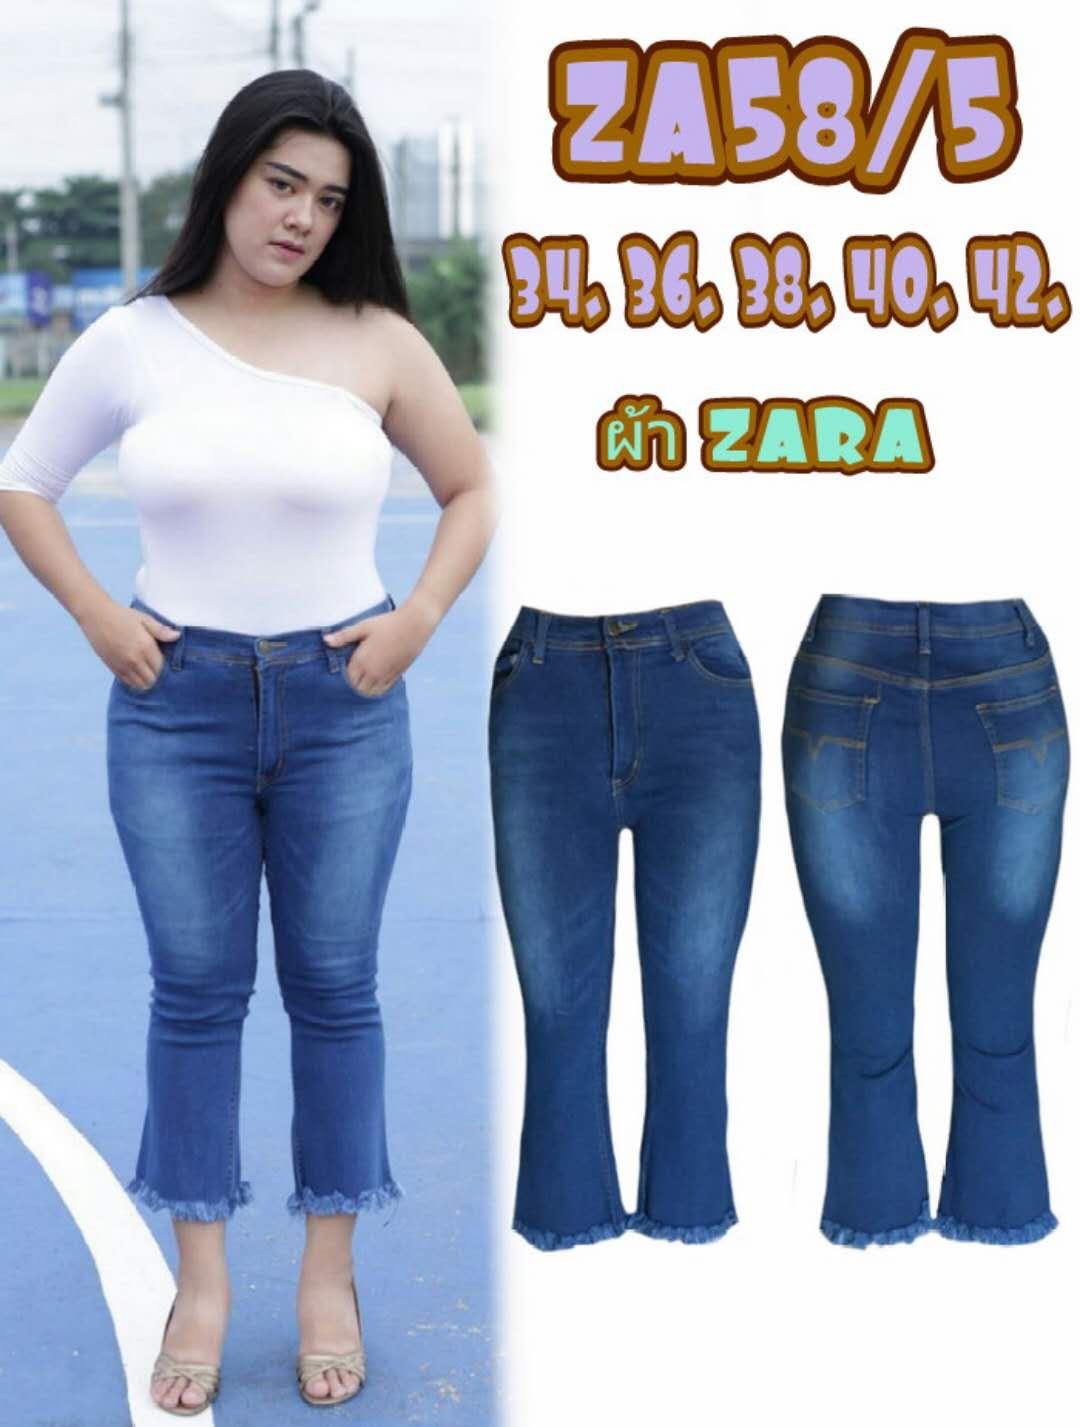 กางเกงยีนส์ขาม้าไซส์ใหญ่เอวสูง ขา 8 ส่วน ม้าเต่อ ปลายขารุ่ย สีฟ้าเทา ผ้ายืดซาร่า มี SIZE 42